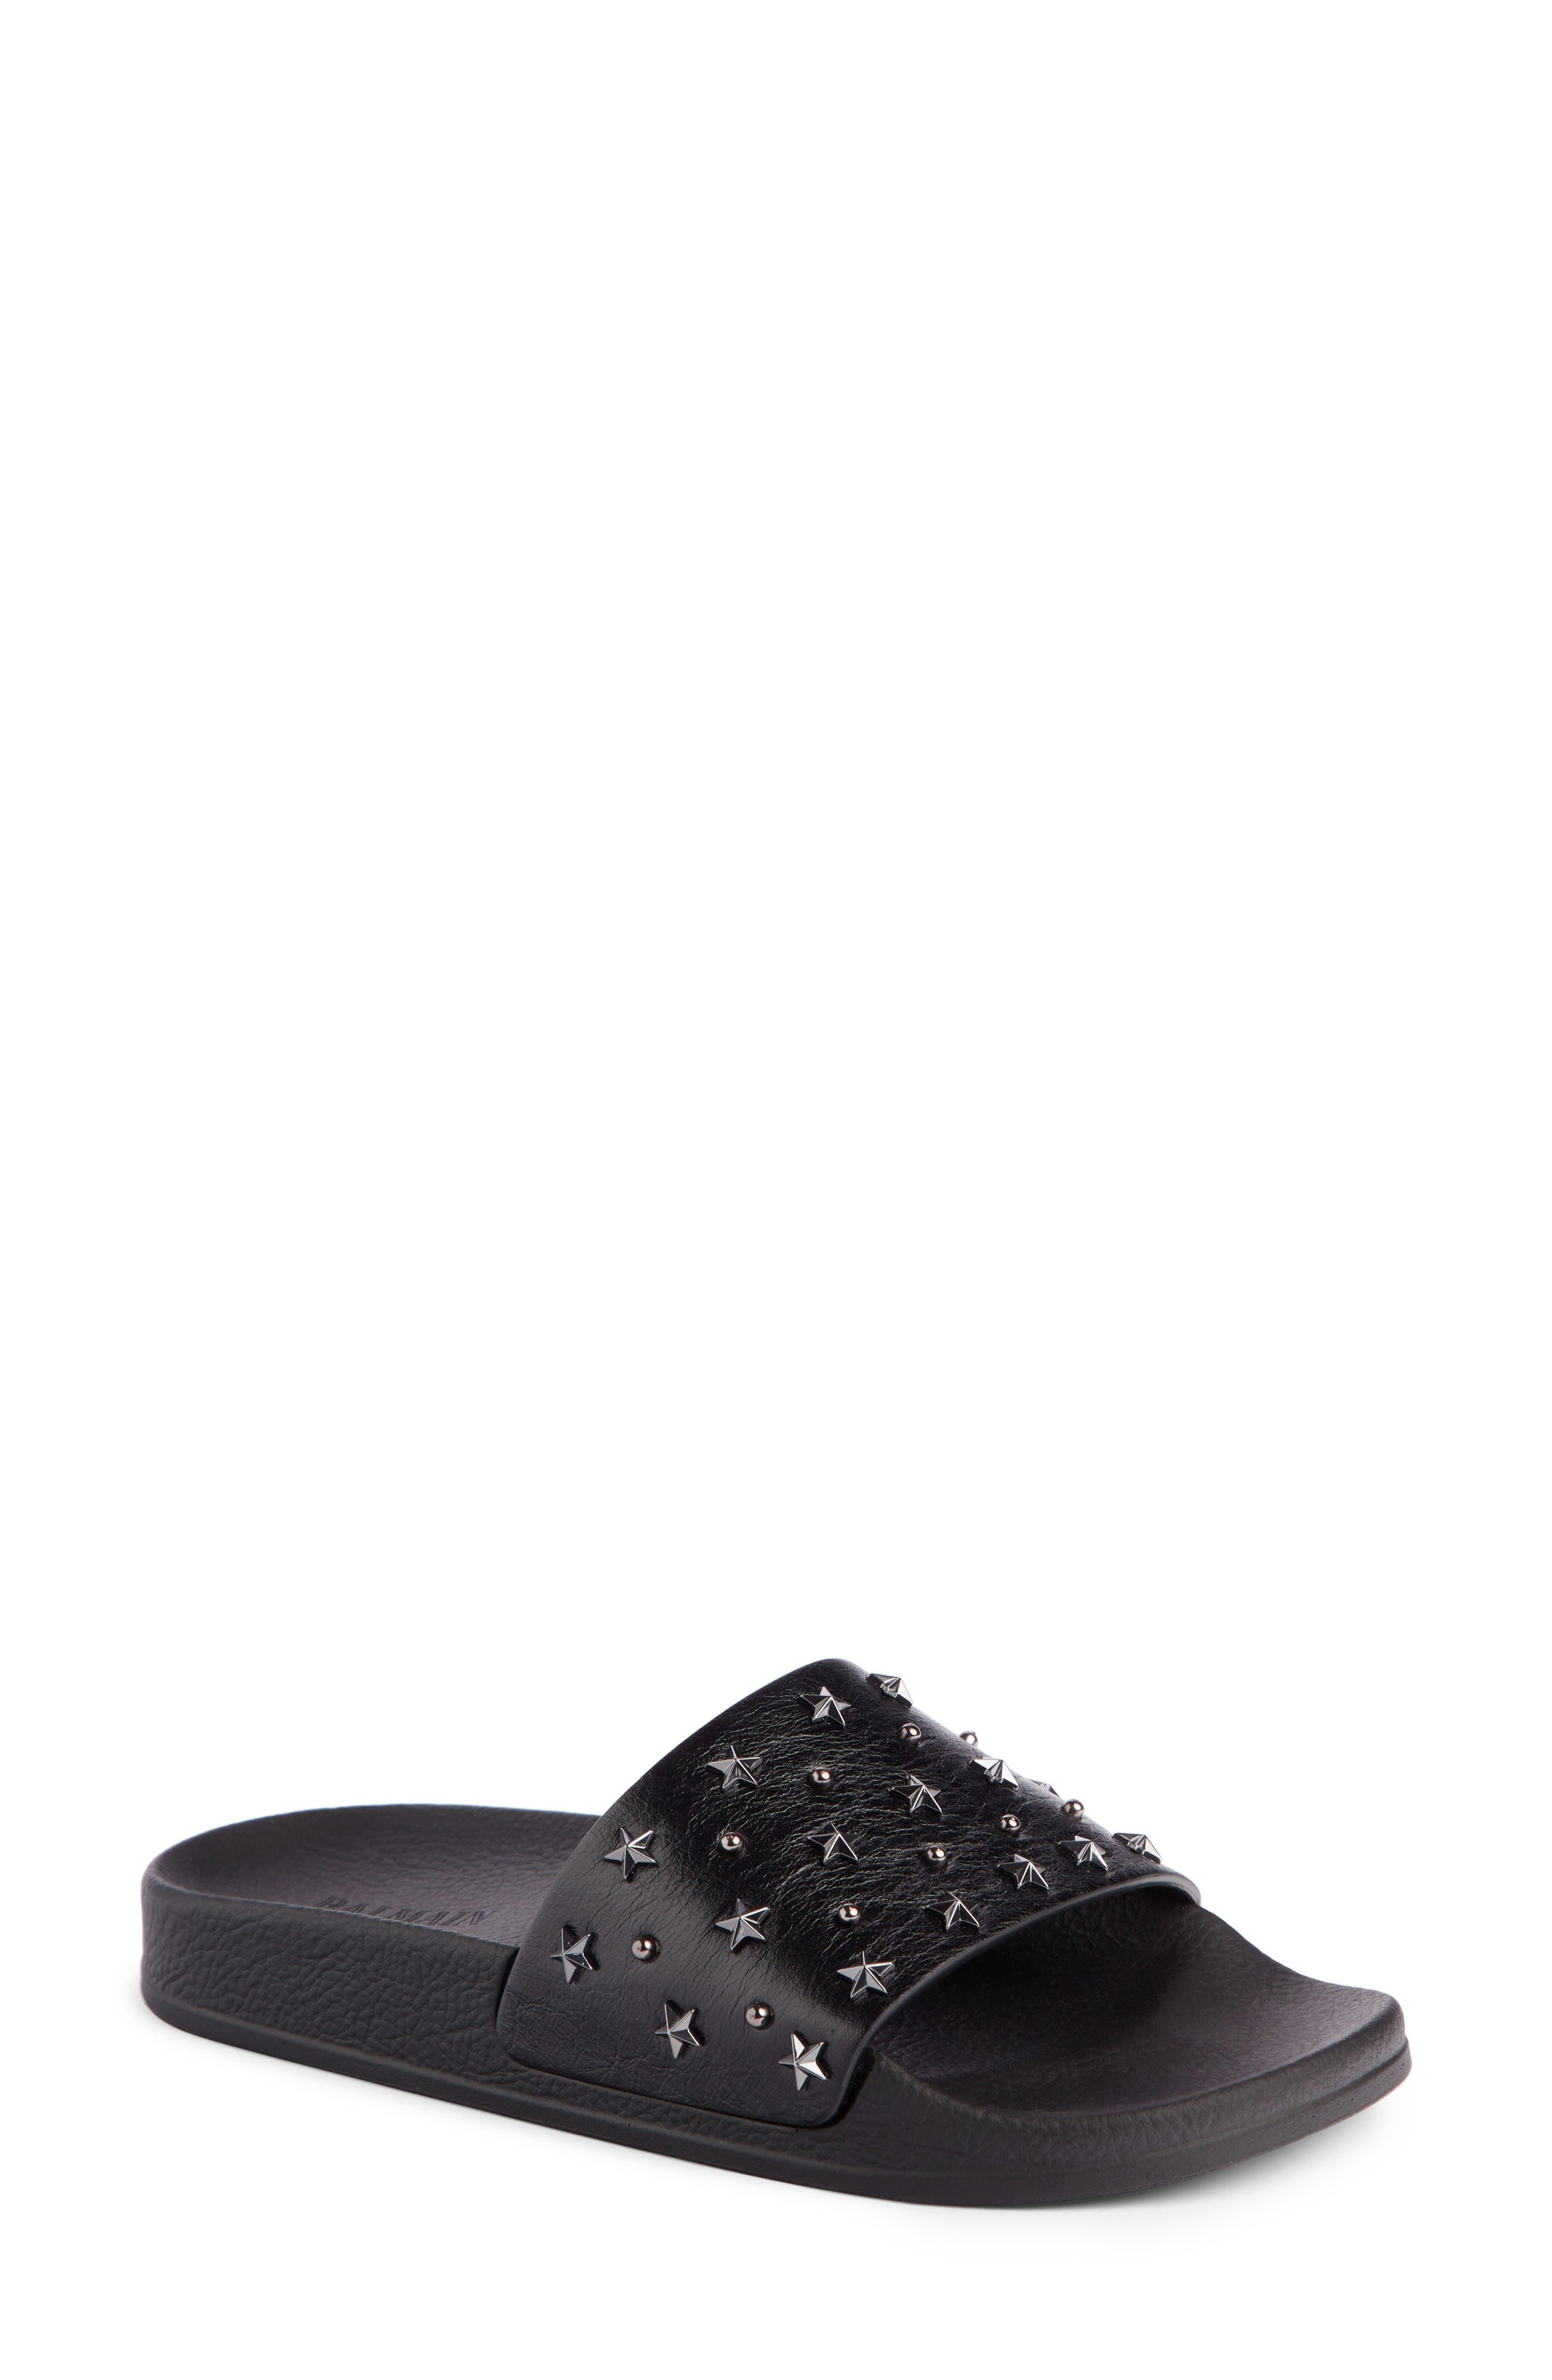 Balmain Calypso Studded Slide Sandal (Women)